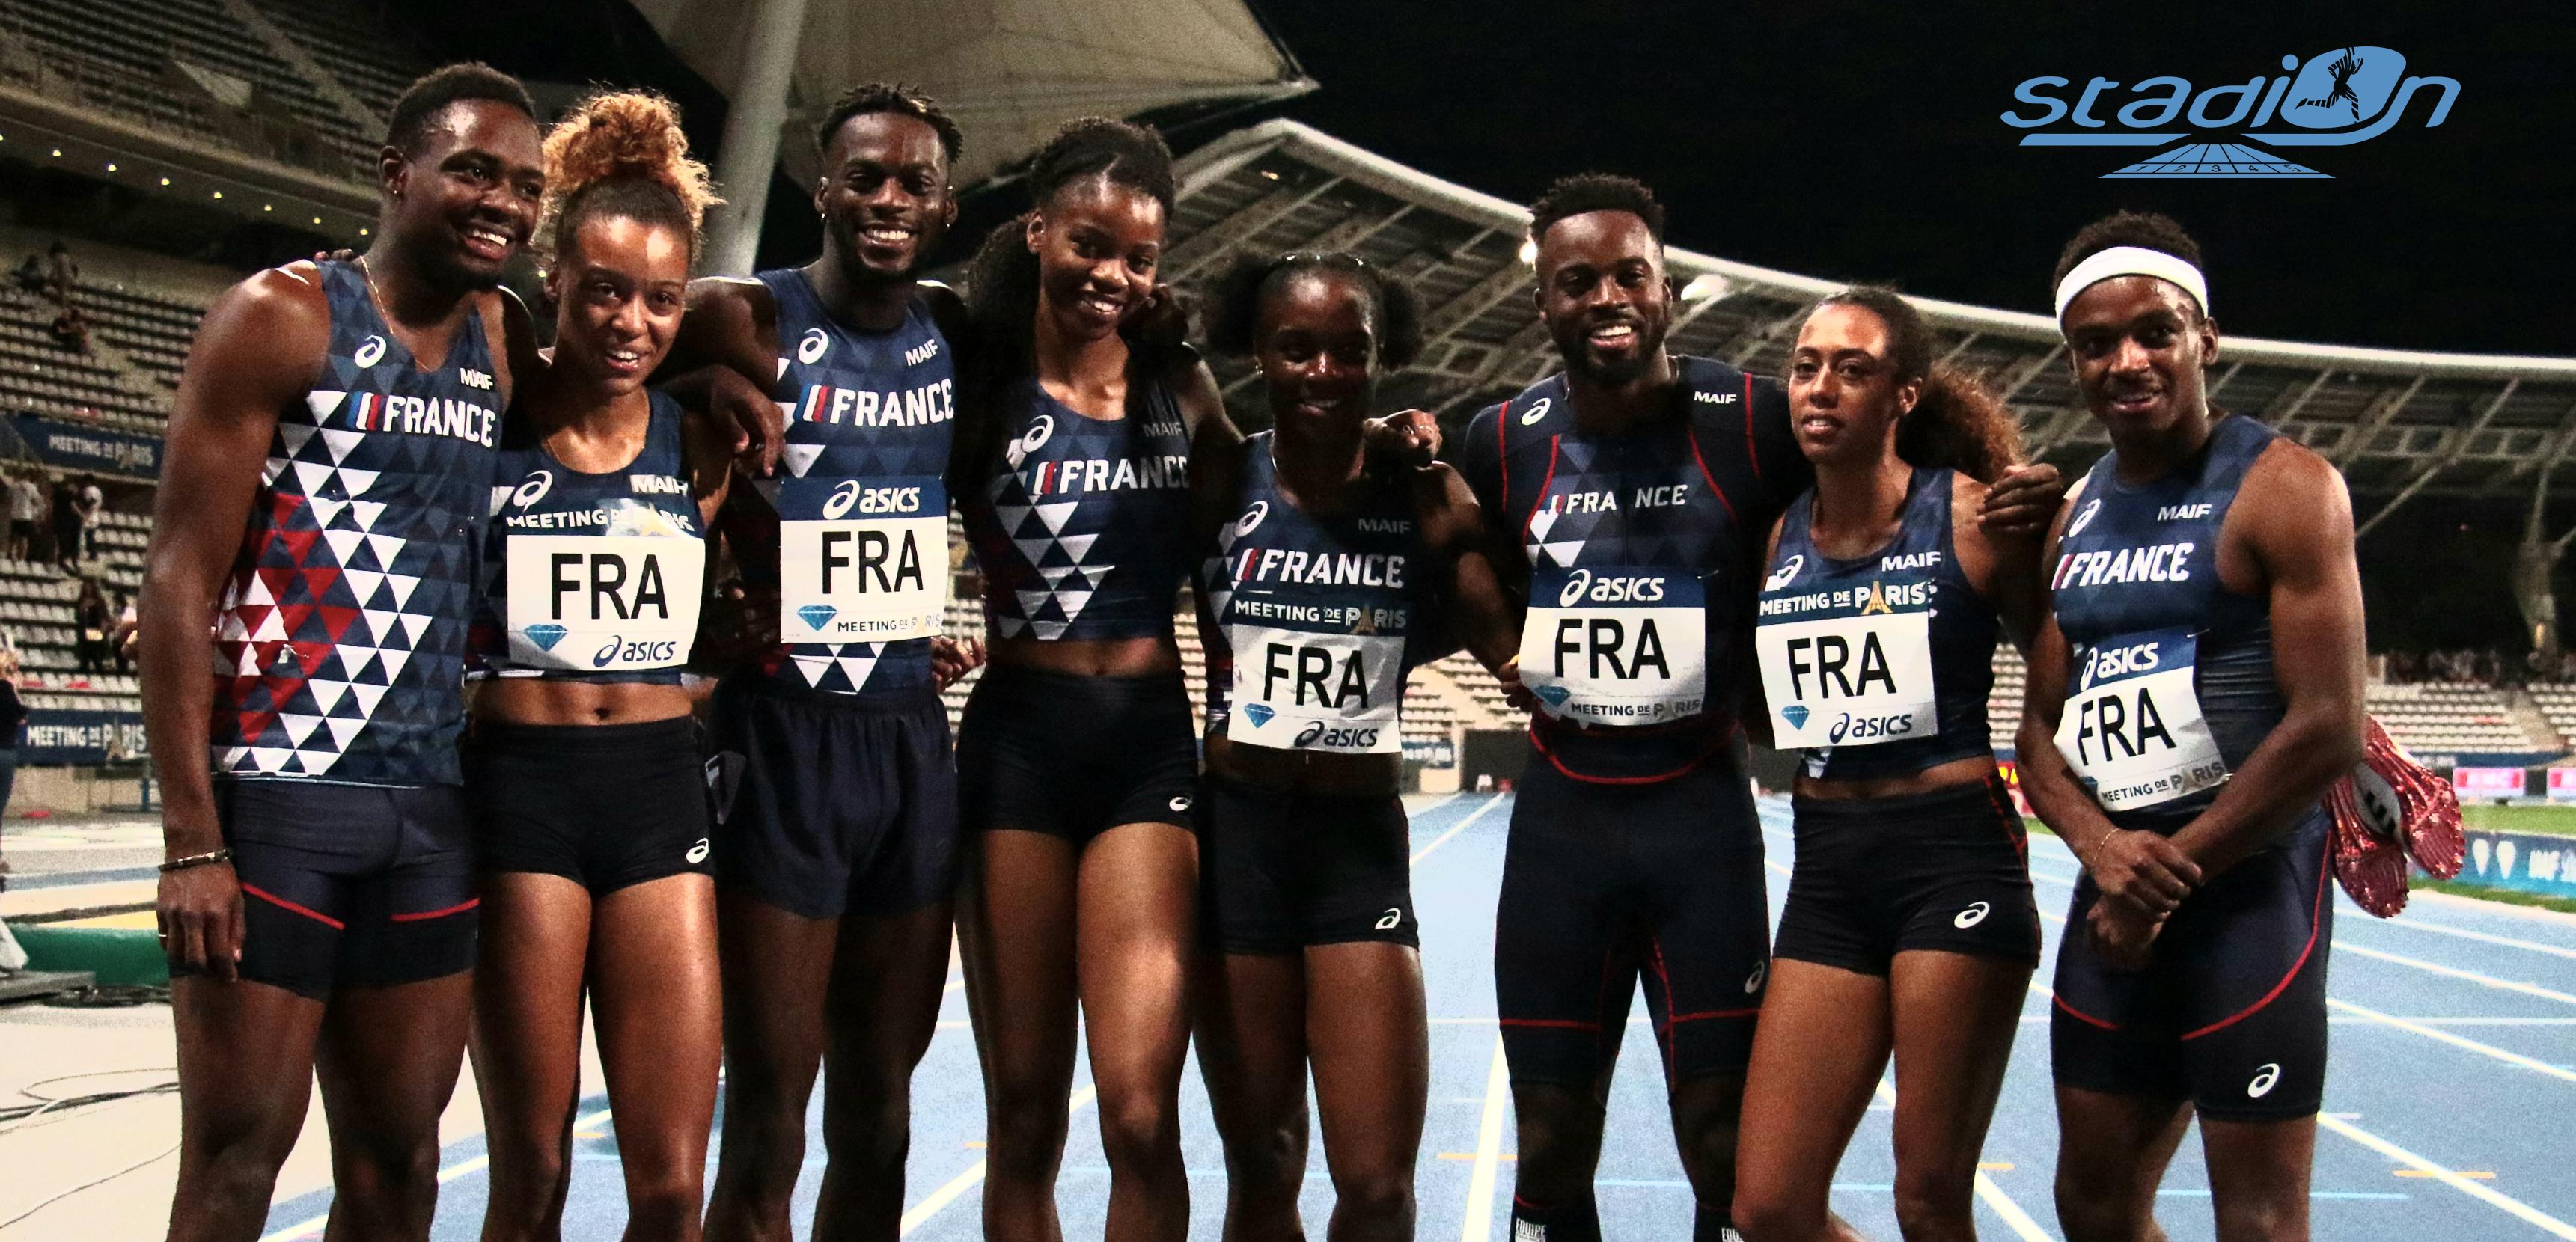 Les minima pour les Championnats d'Europe de Paris 2020 sont connus